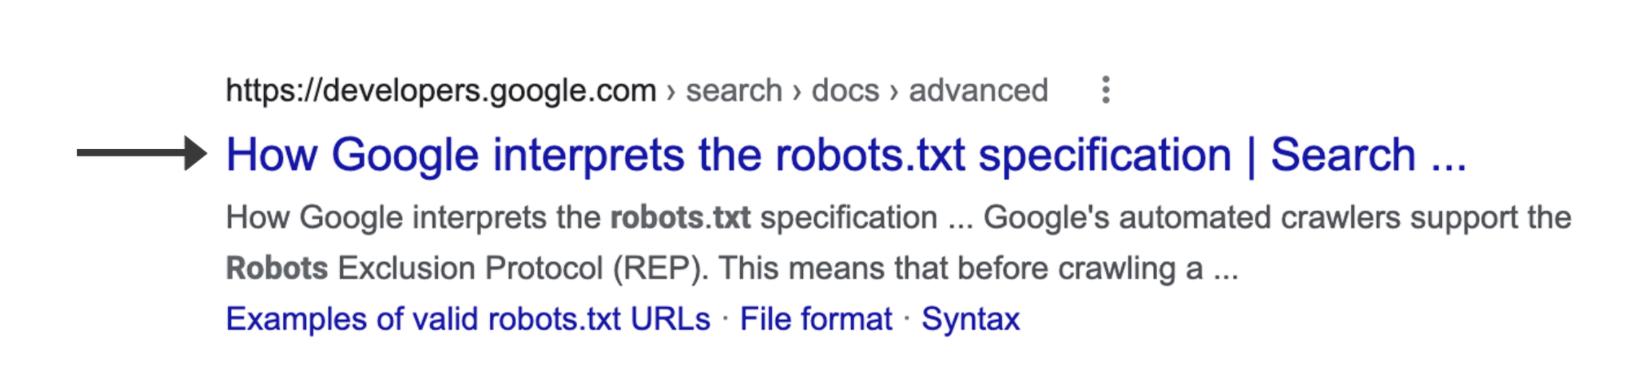 Screenshot eines einzelnen Google Suchergebnisses bei dem der Blaue Title markiert ist, den Google als Title Link definiert